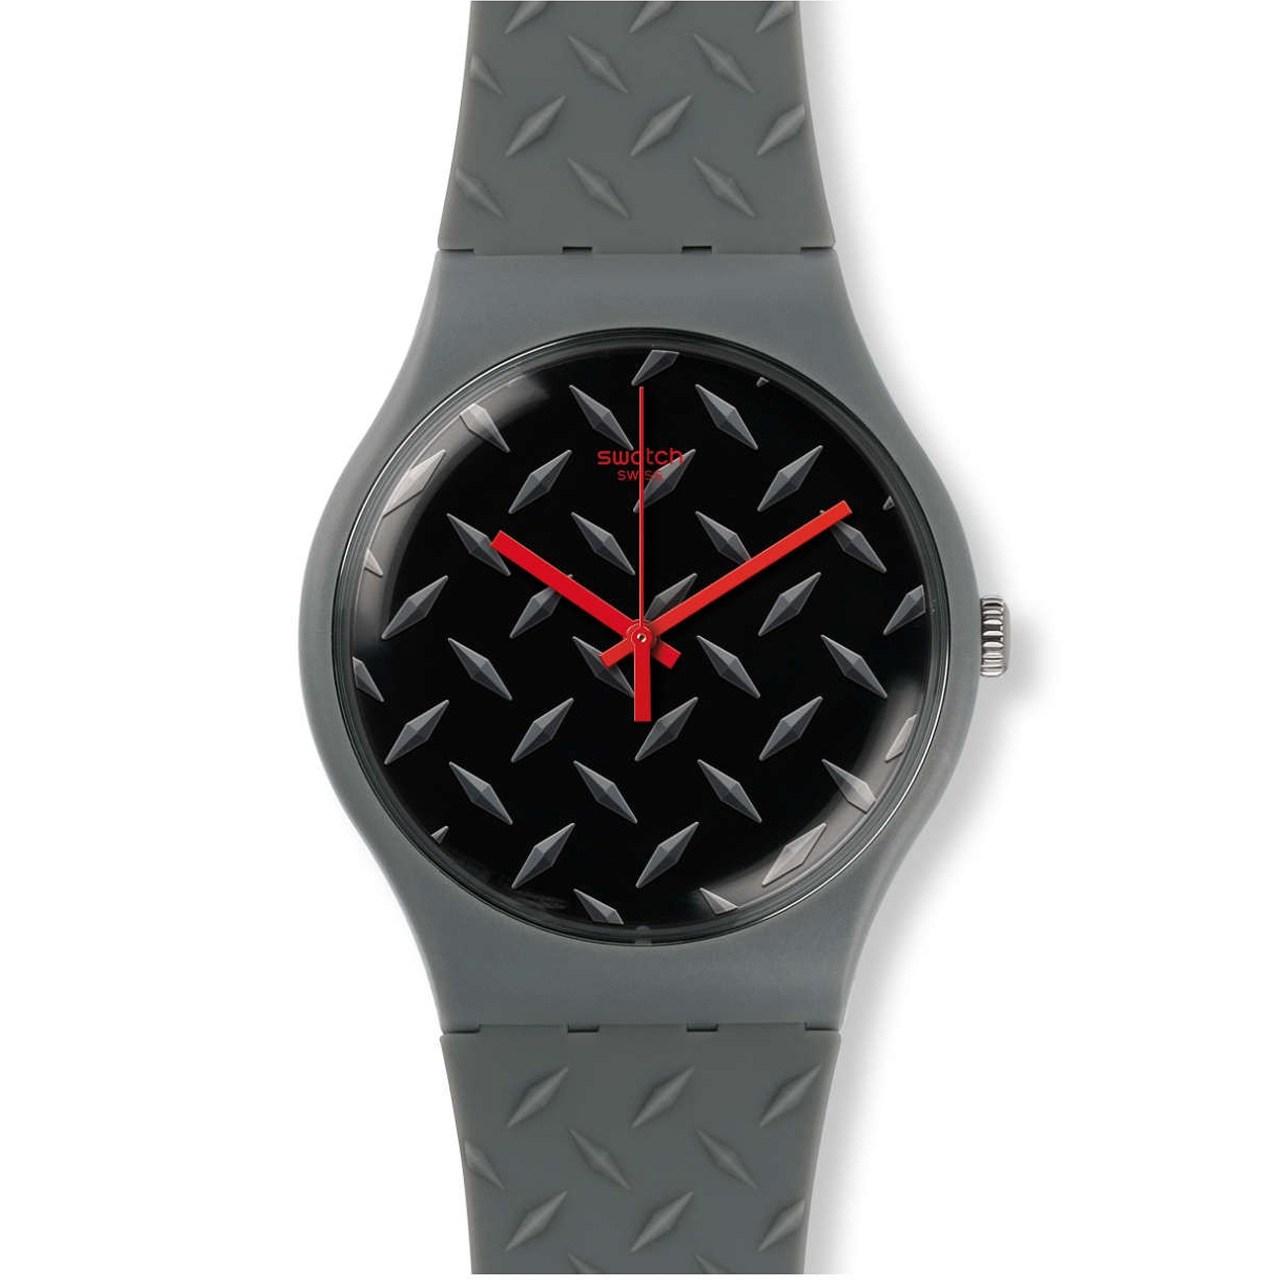 ساعت مچی عقربه ای مردانه سواچ مدل SUOM102 45